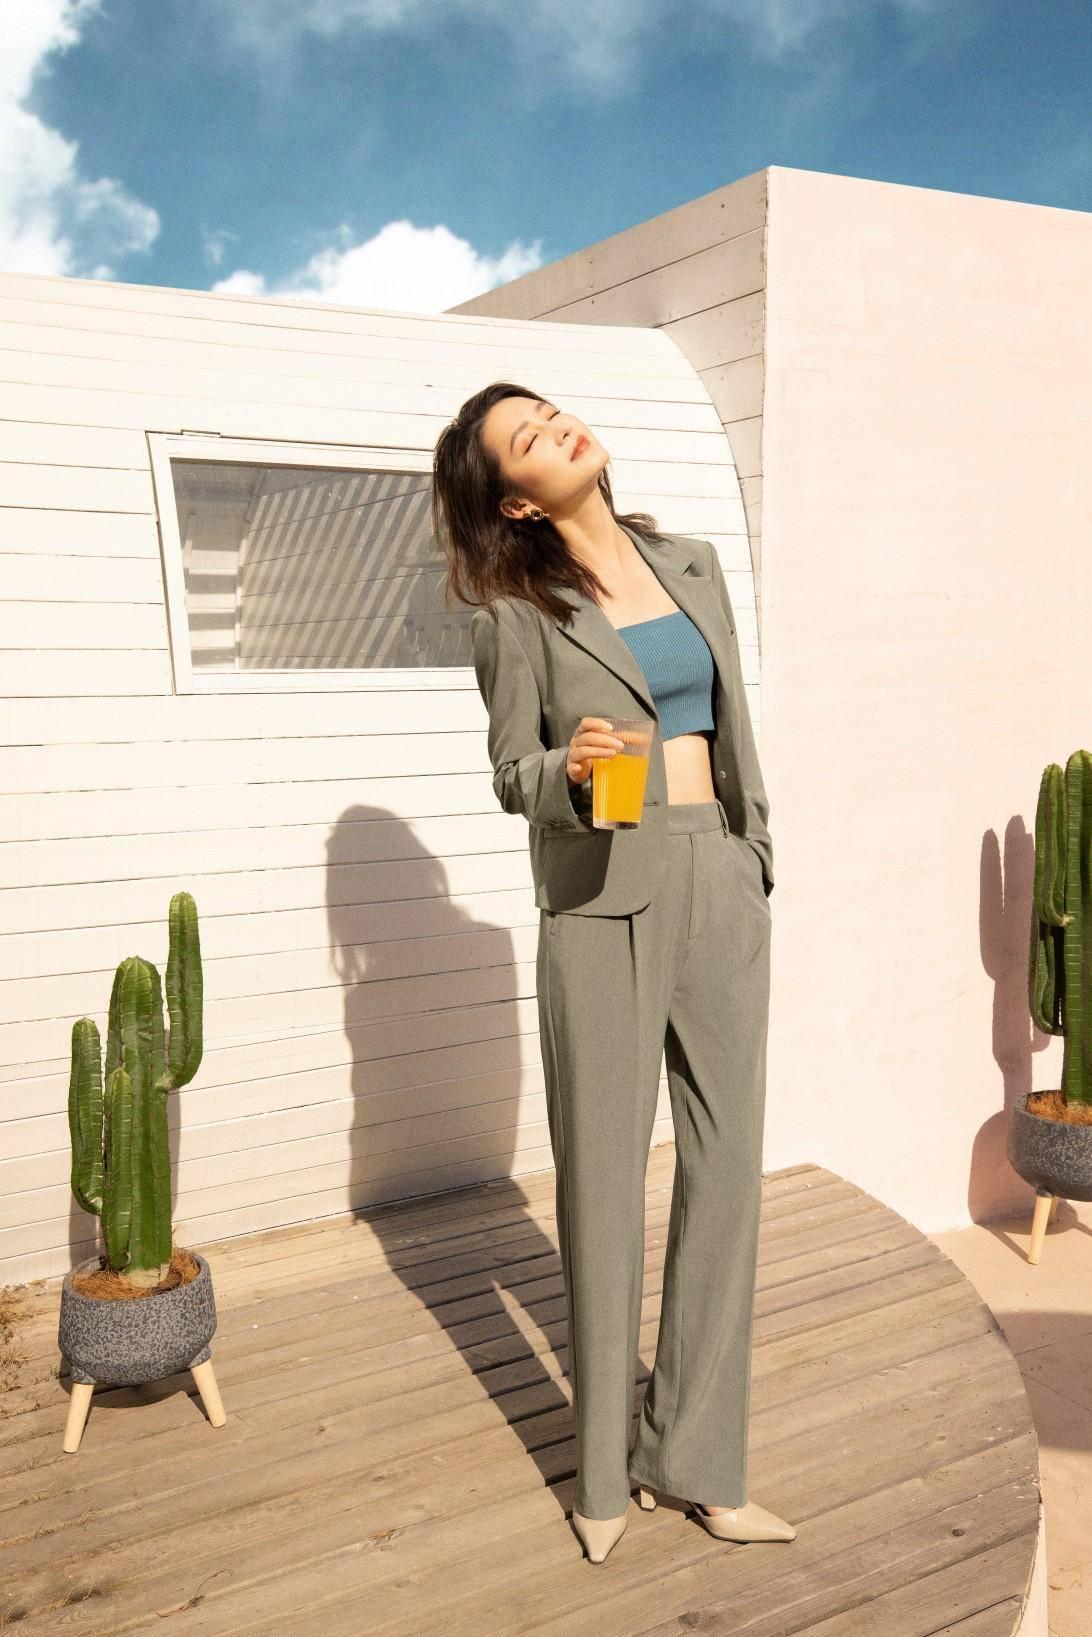 原创             李沁品牌广告大片出炉,绿植蓝天清新怡人,暖阳照耀温柔细腻